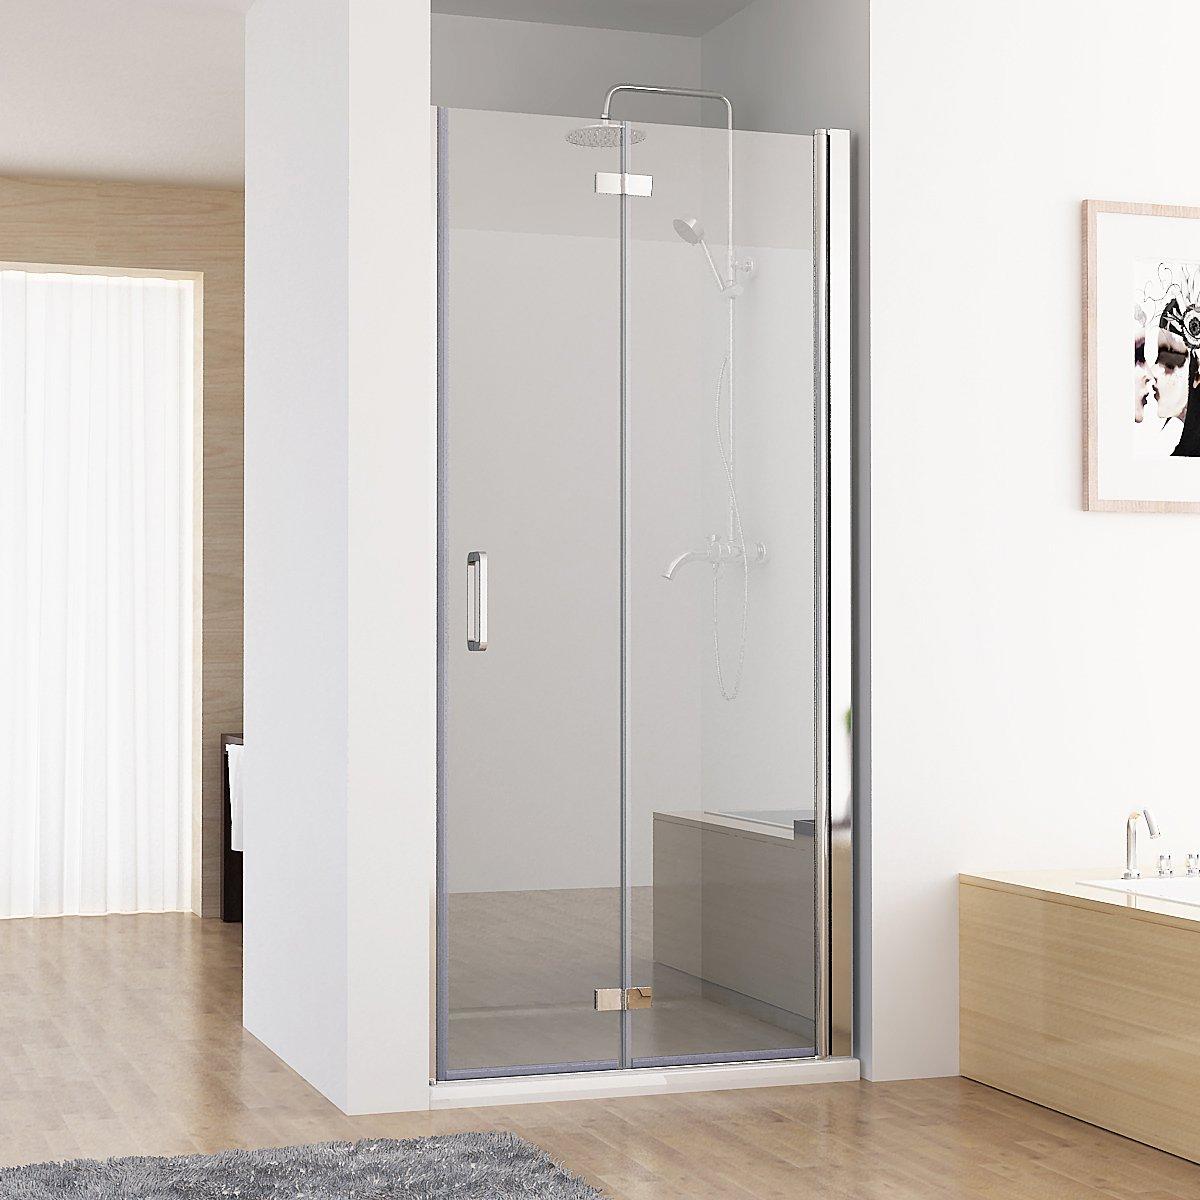 MIQU Puertas para mampara de 180 ° para Puerta oscilante Puerta Plegable Ducha Pared Ducha Nano Cristal 100 x 197 cm: Amazon.es: Hogar